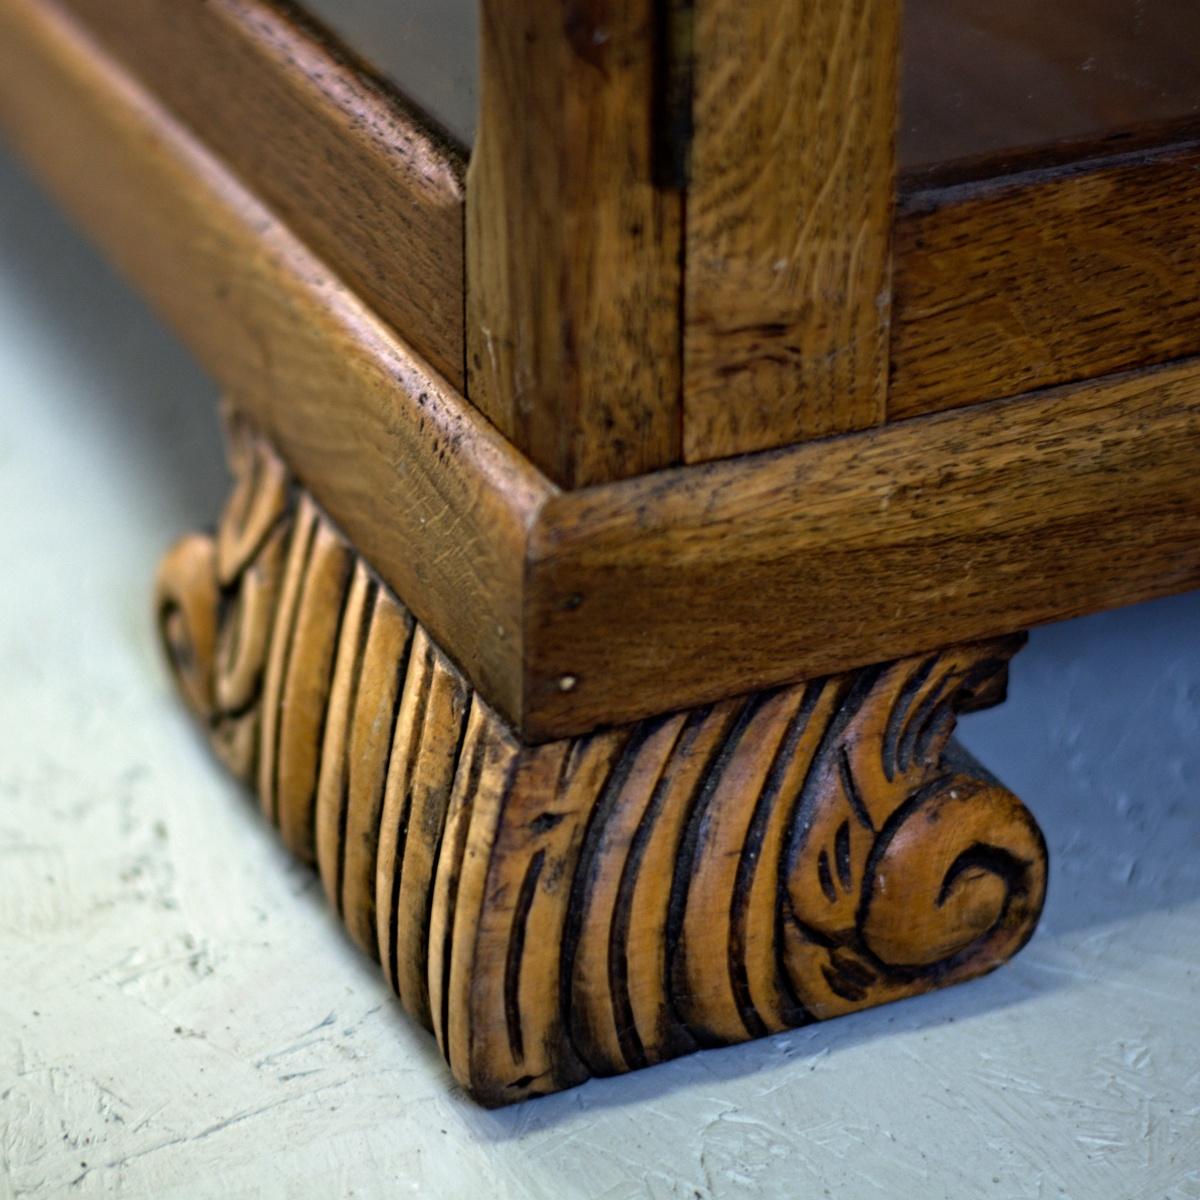 Klasický anglický dubový skleník nebo knihovna s vyřezávaným květinovým reliéfem vintage stylový nábytek po celkové renovaci do původního stavu restored furniture detail nohy